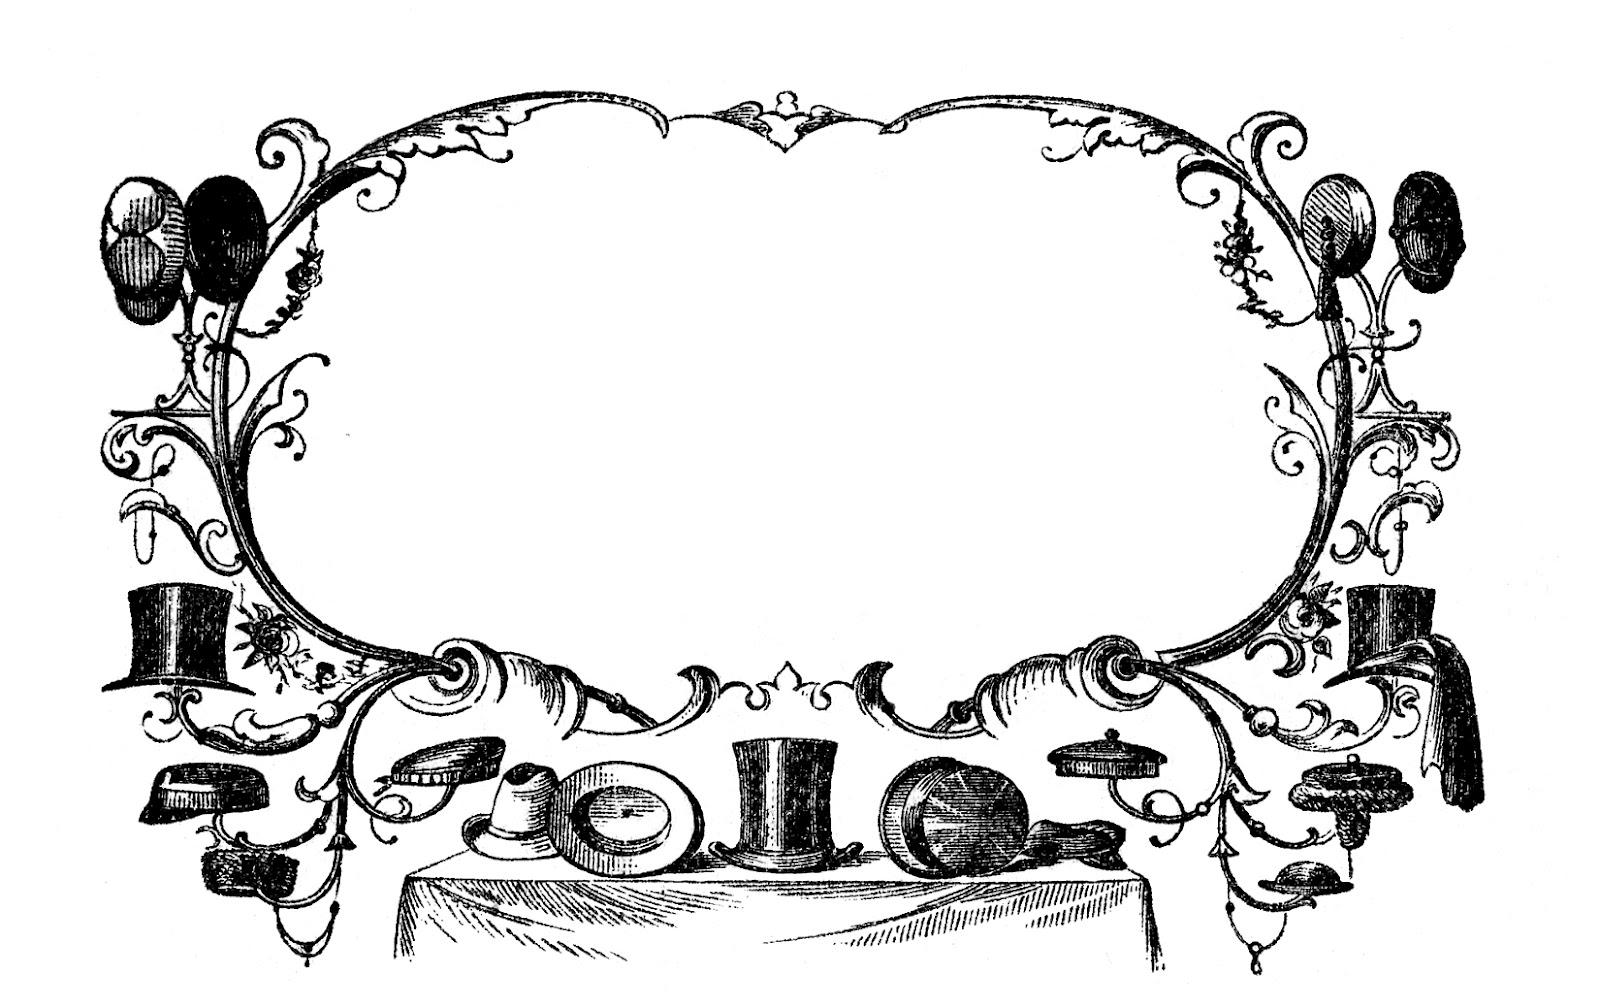 Vintage Advertising Clip Art U2013 Victo-Vintage Advertising Clip Art u2013 Victorian Hats-11